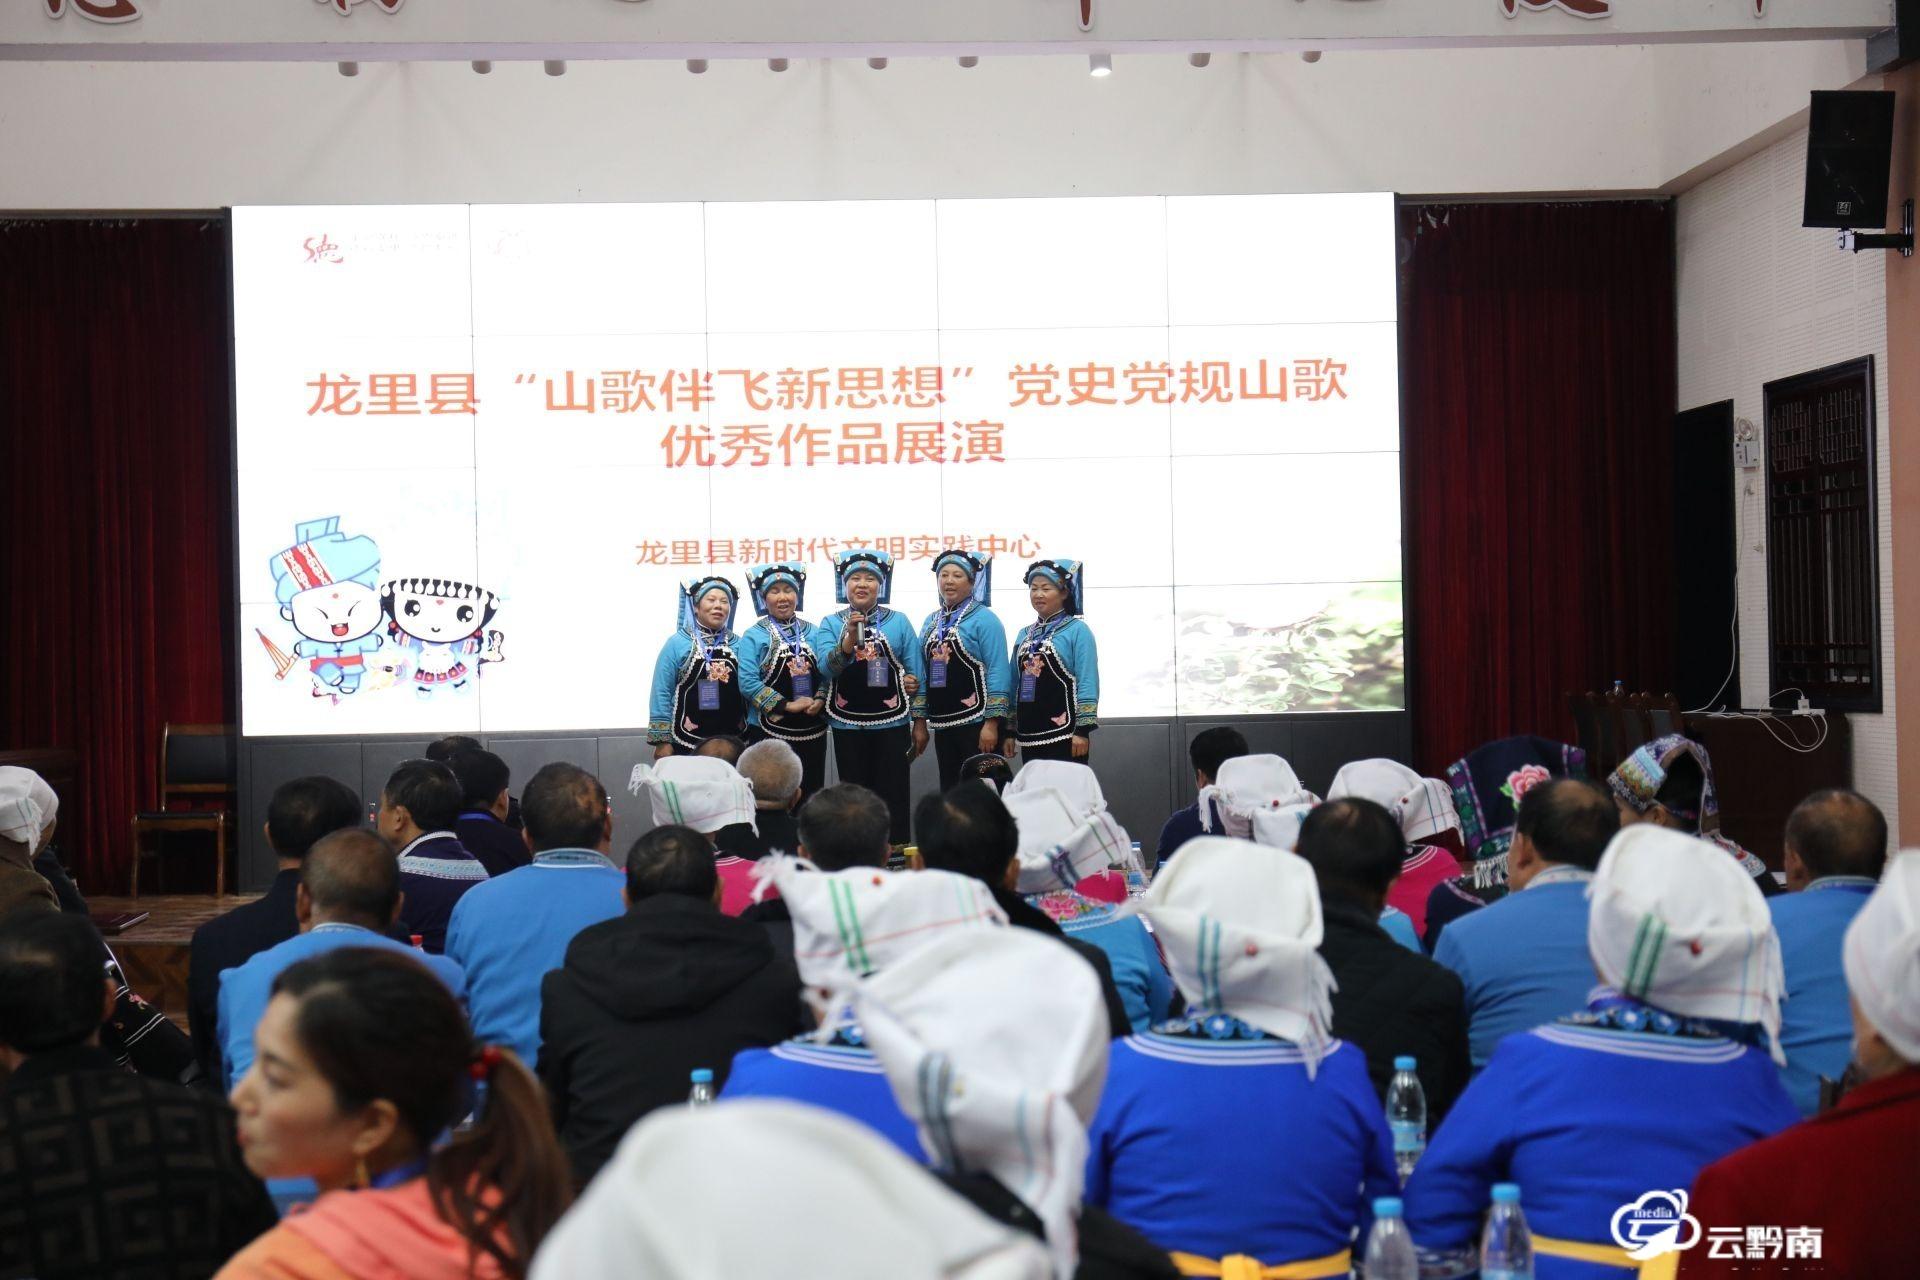 龙里百名志愿者山歌传唱党史党规喜迎建党100周年